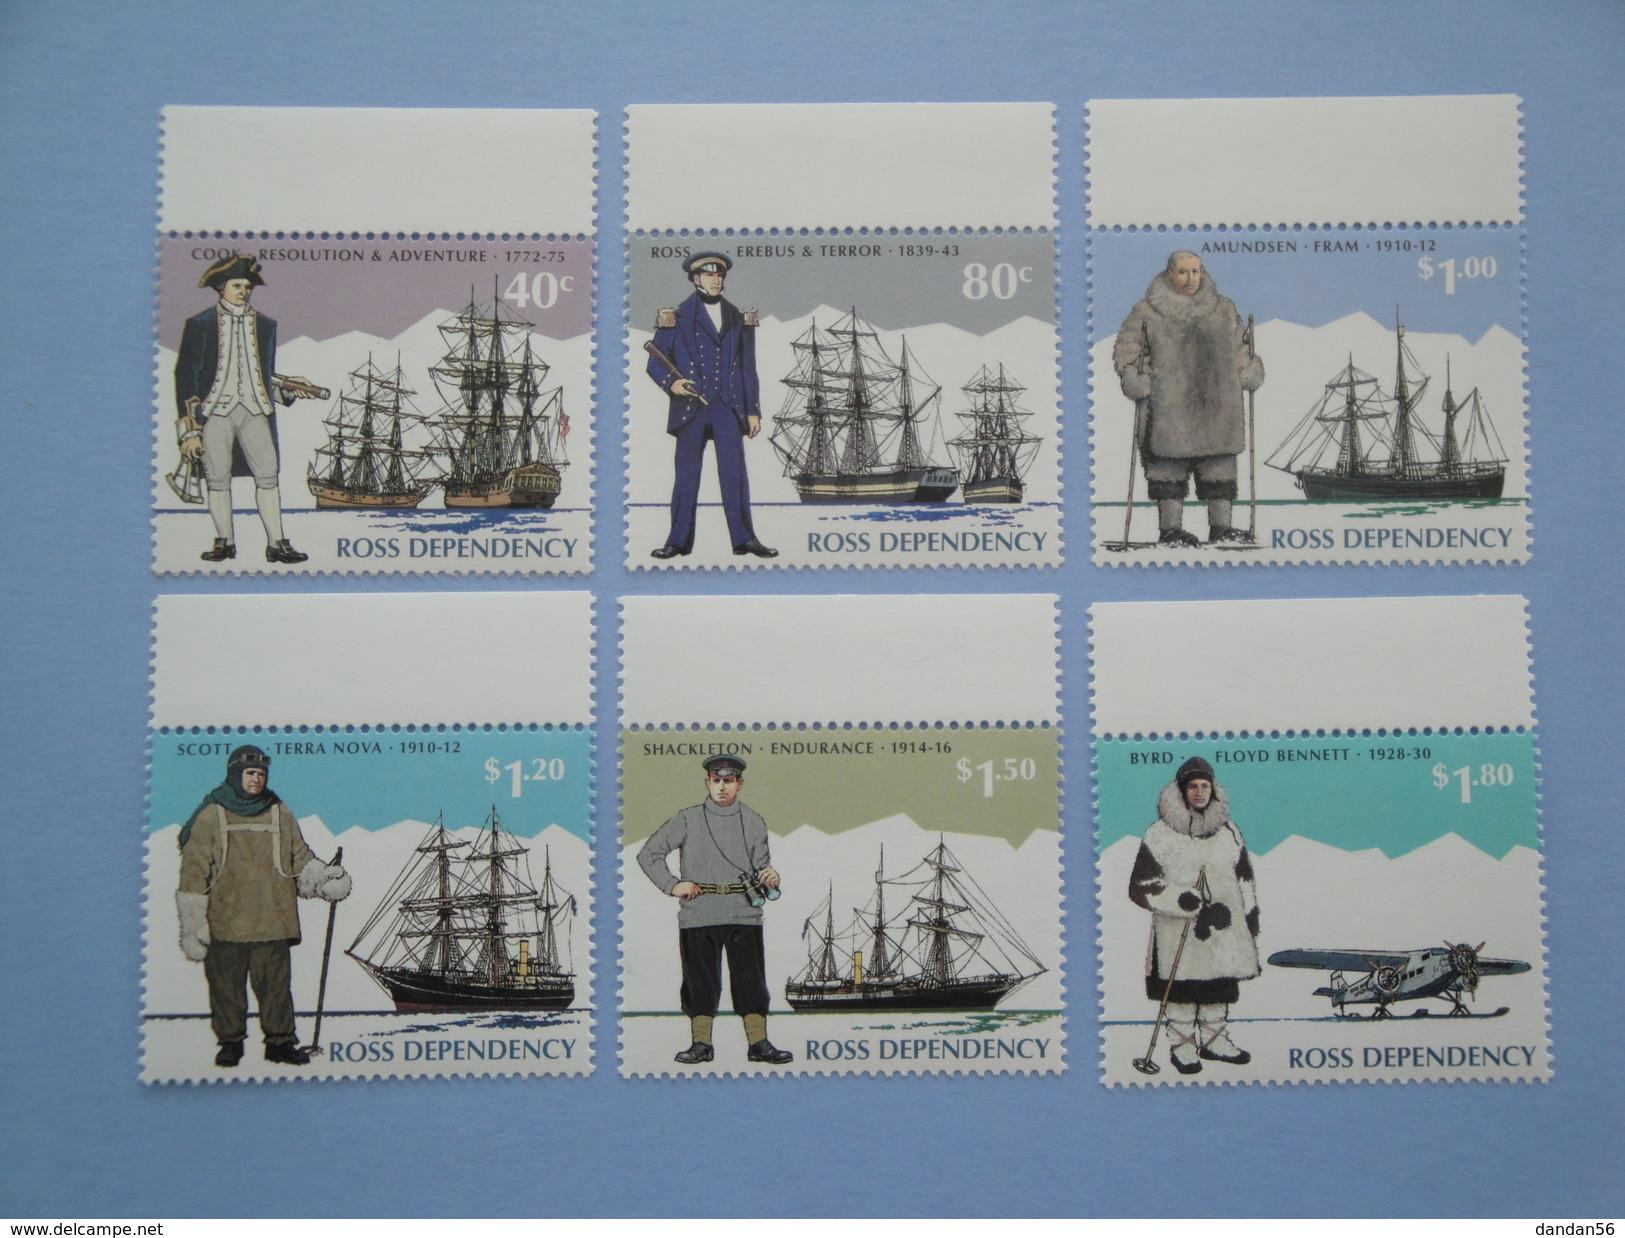 1995 Ross  Nouvelle Zélande - Yvert 38/43 ** Bateaux Ships Explorers  Scott L 31/6  Michel  32/7  SG 32/7 - Dépendance De Ross (Nouvelle Zélande)